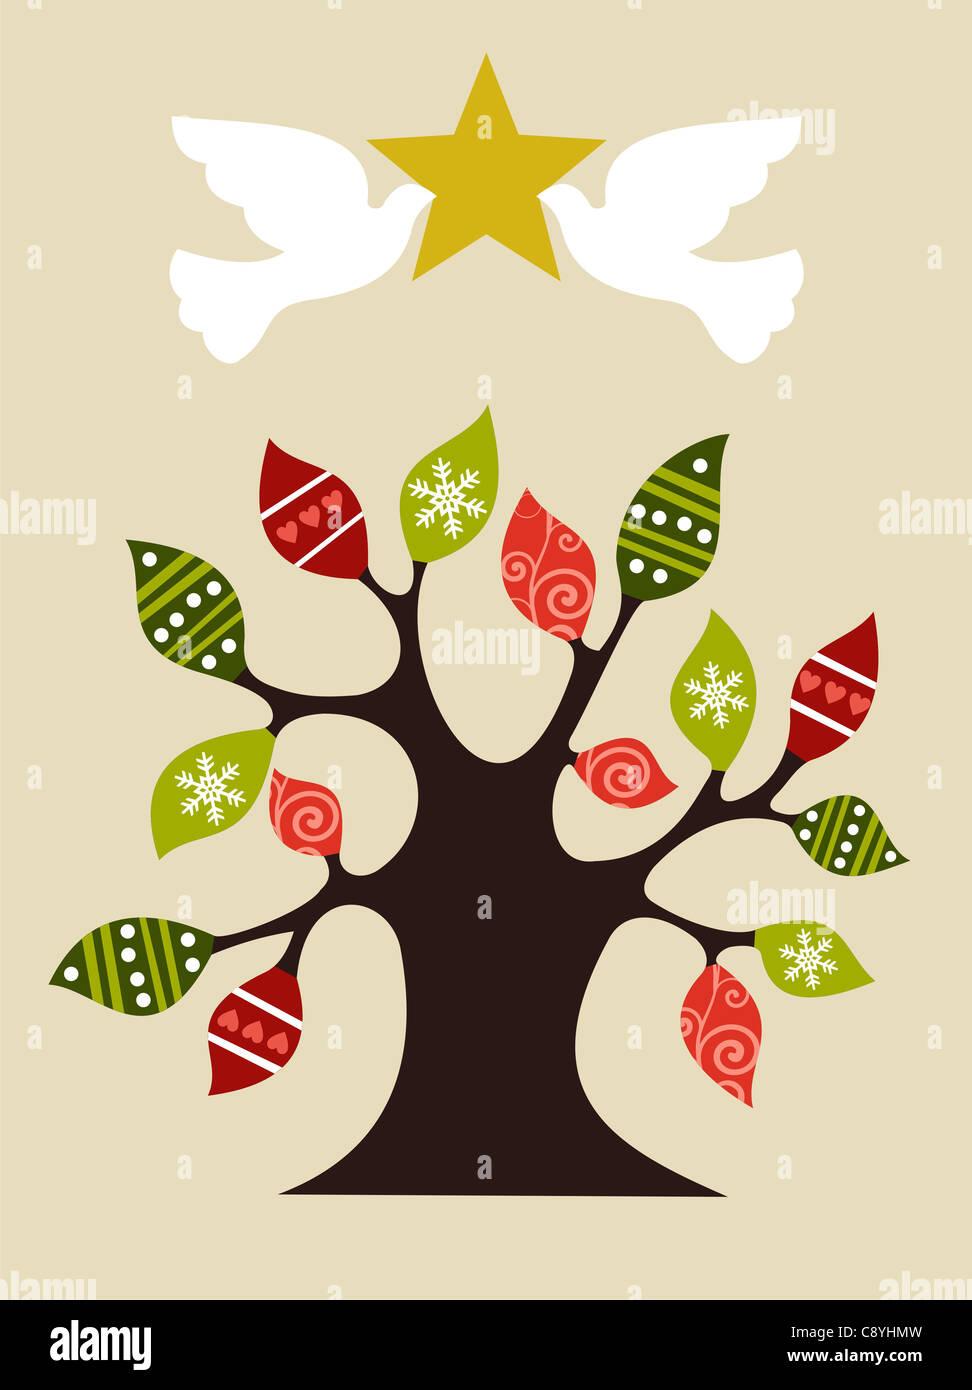 Arbre de Noël avec l'APCE colombes holding et brillante étoile d'or sur le dessus. Fichier vecteur Photo Stock